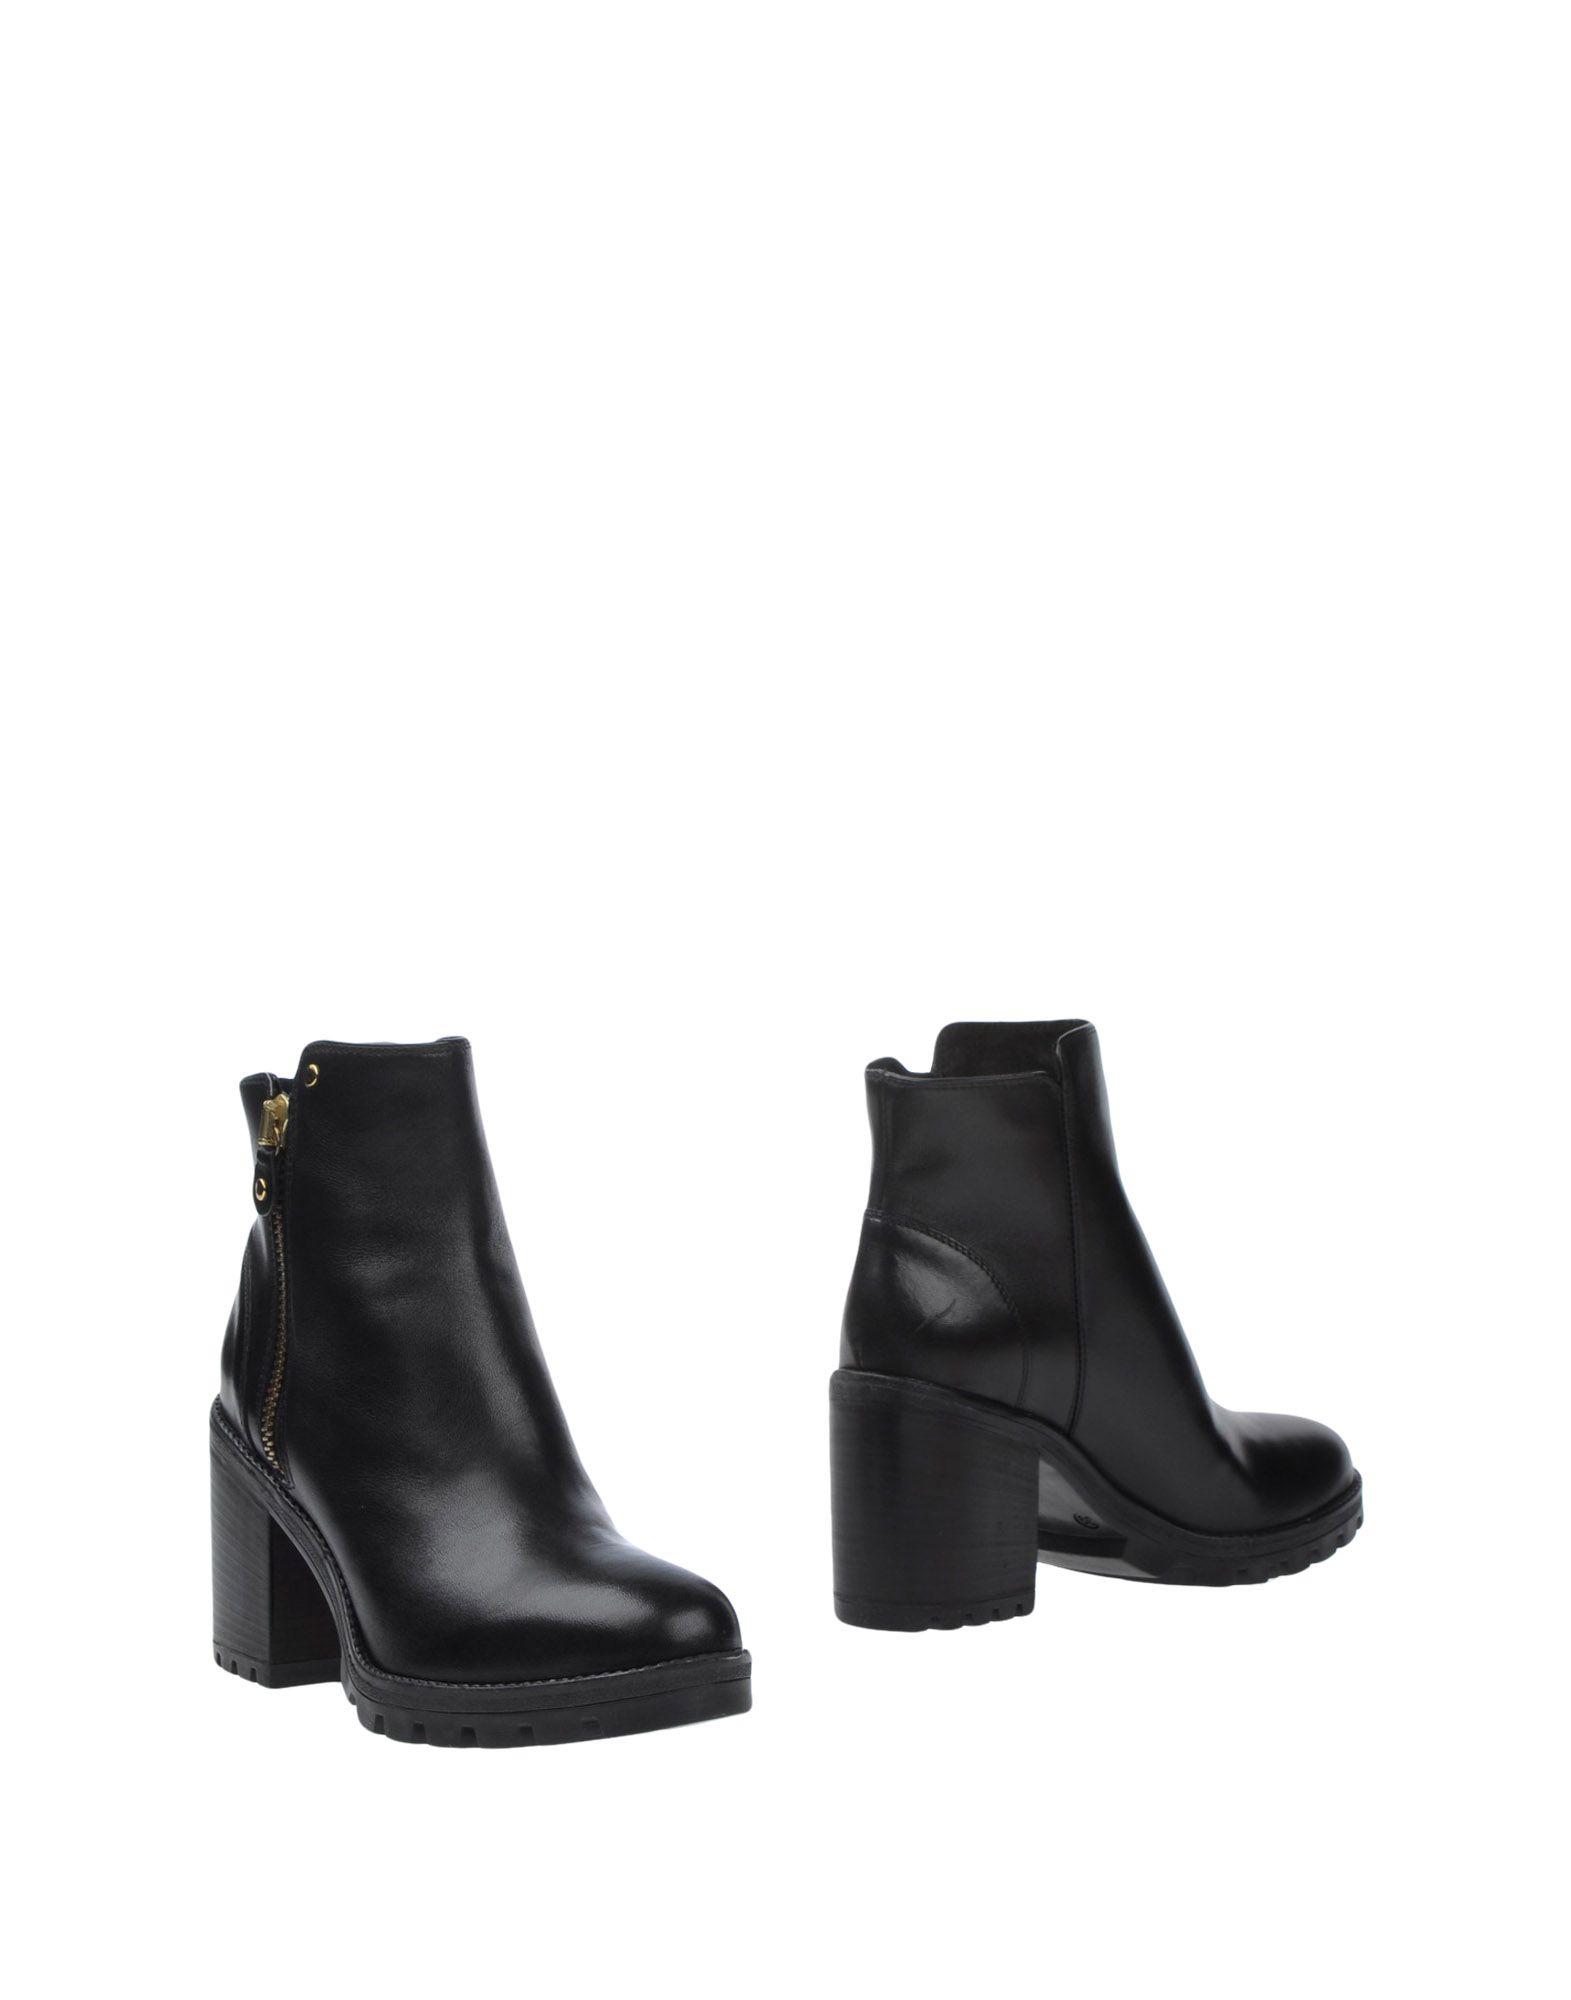 Gut um billige Damen Schuhe zu tragenMauro Fedeli Stiefelette Damen billige  11054037PG ab36cd